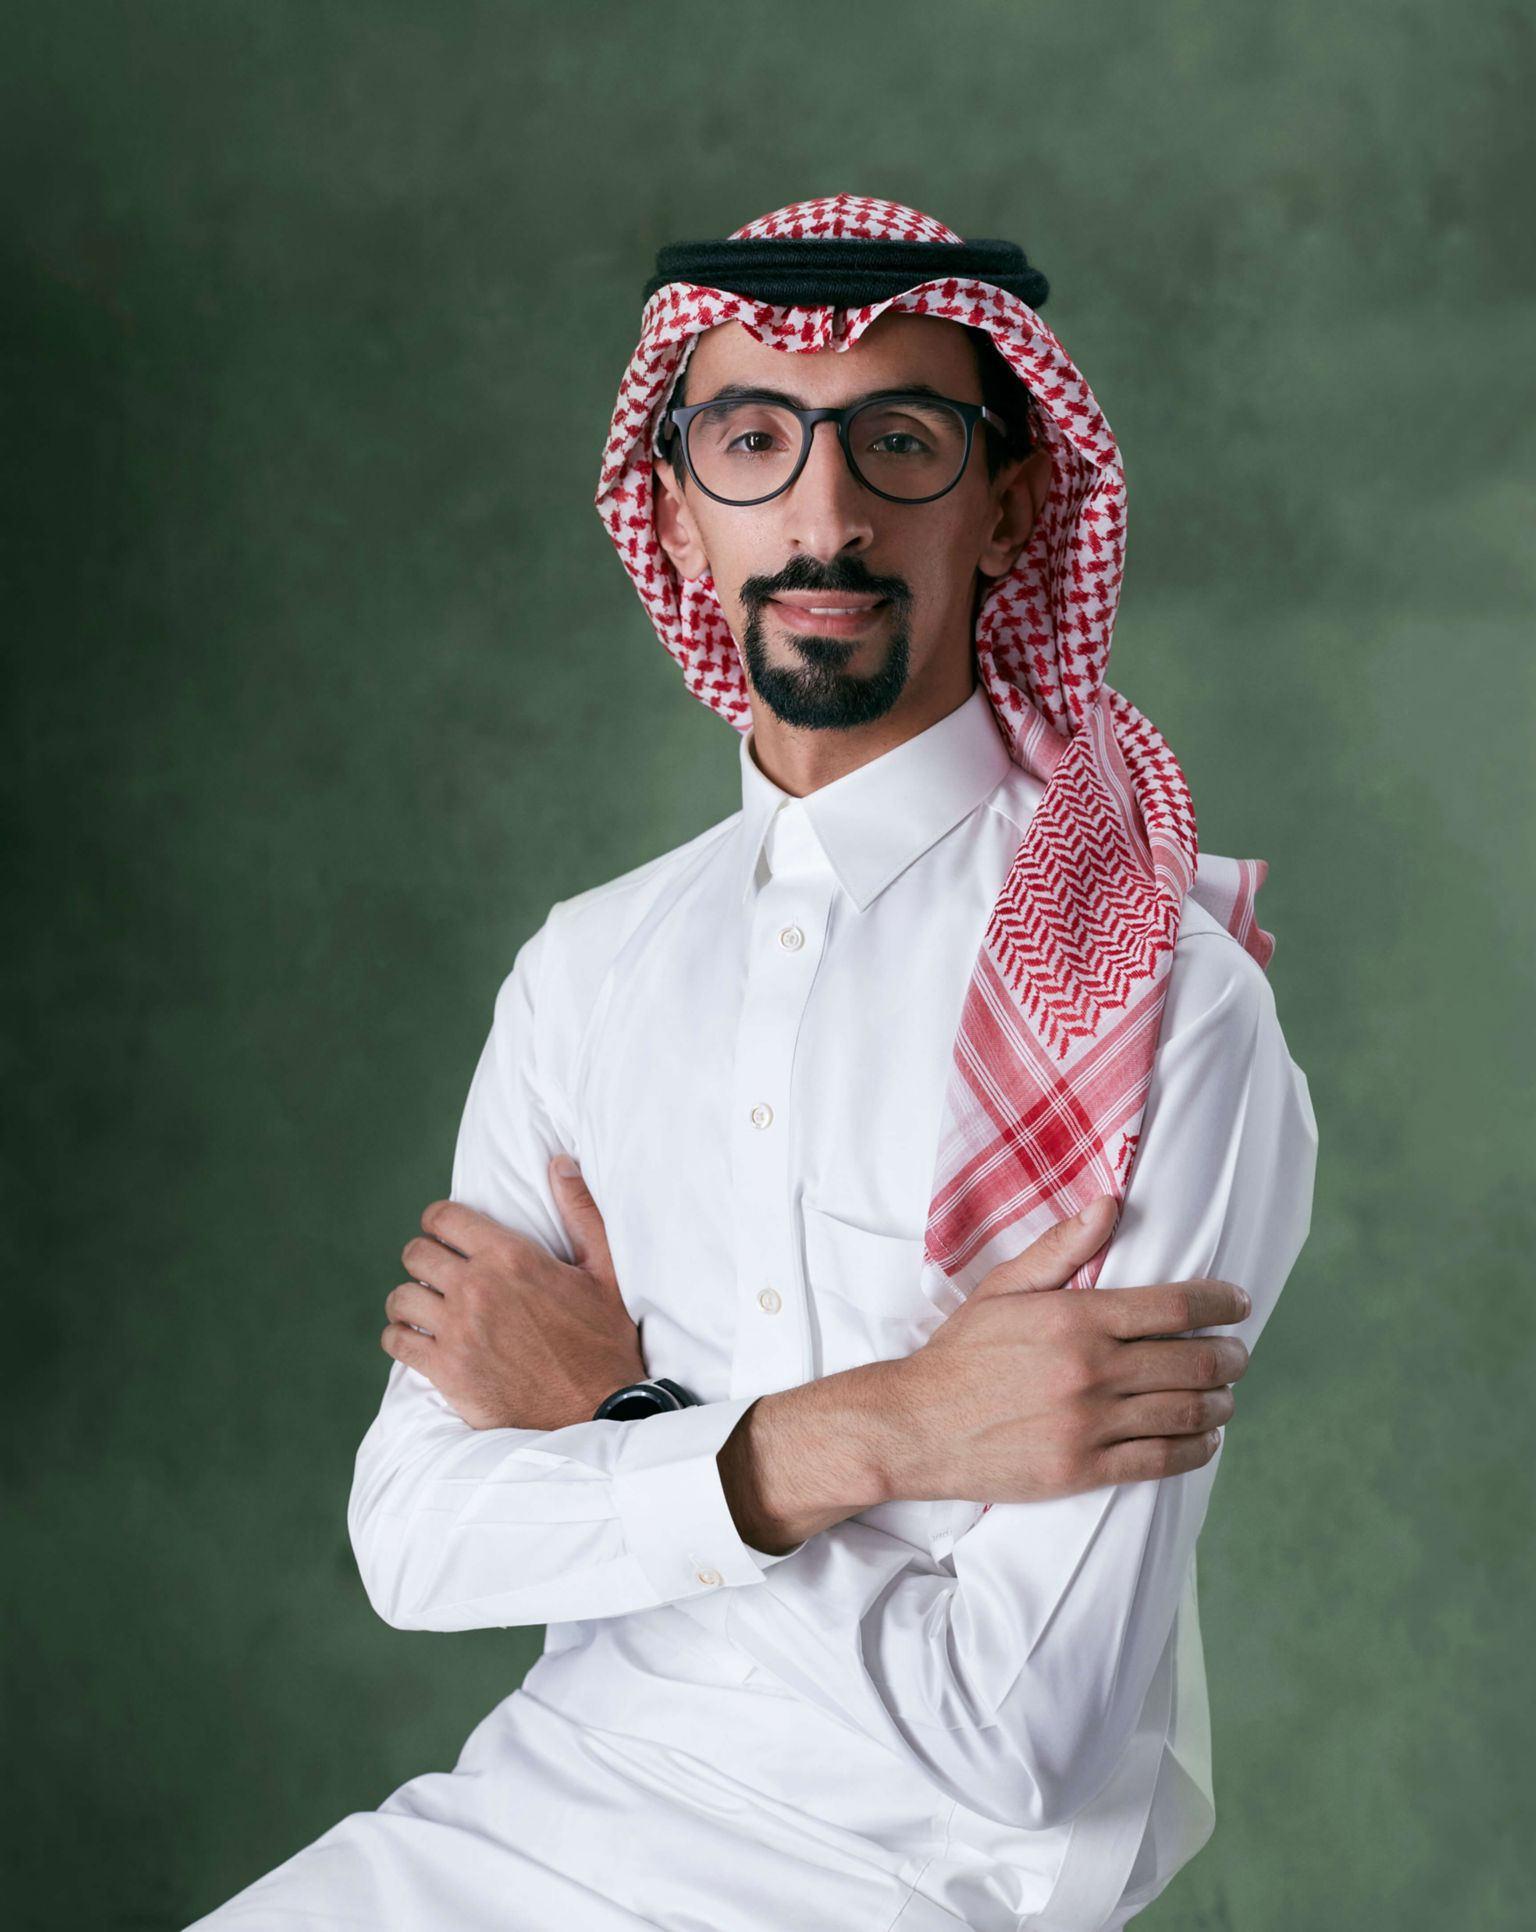 Saeid Alzhrani – Entrepreneur and aerospace engineer